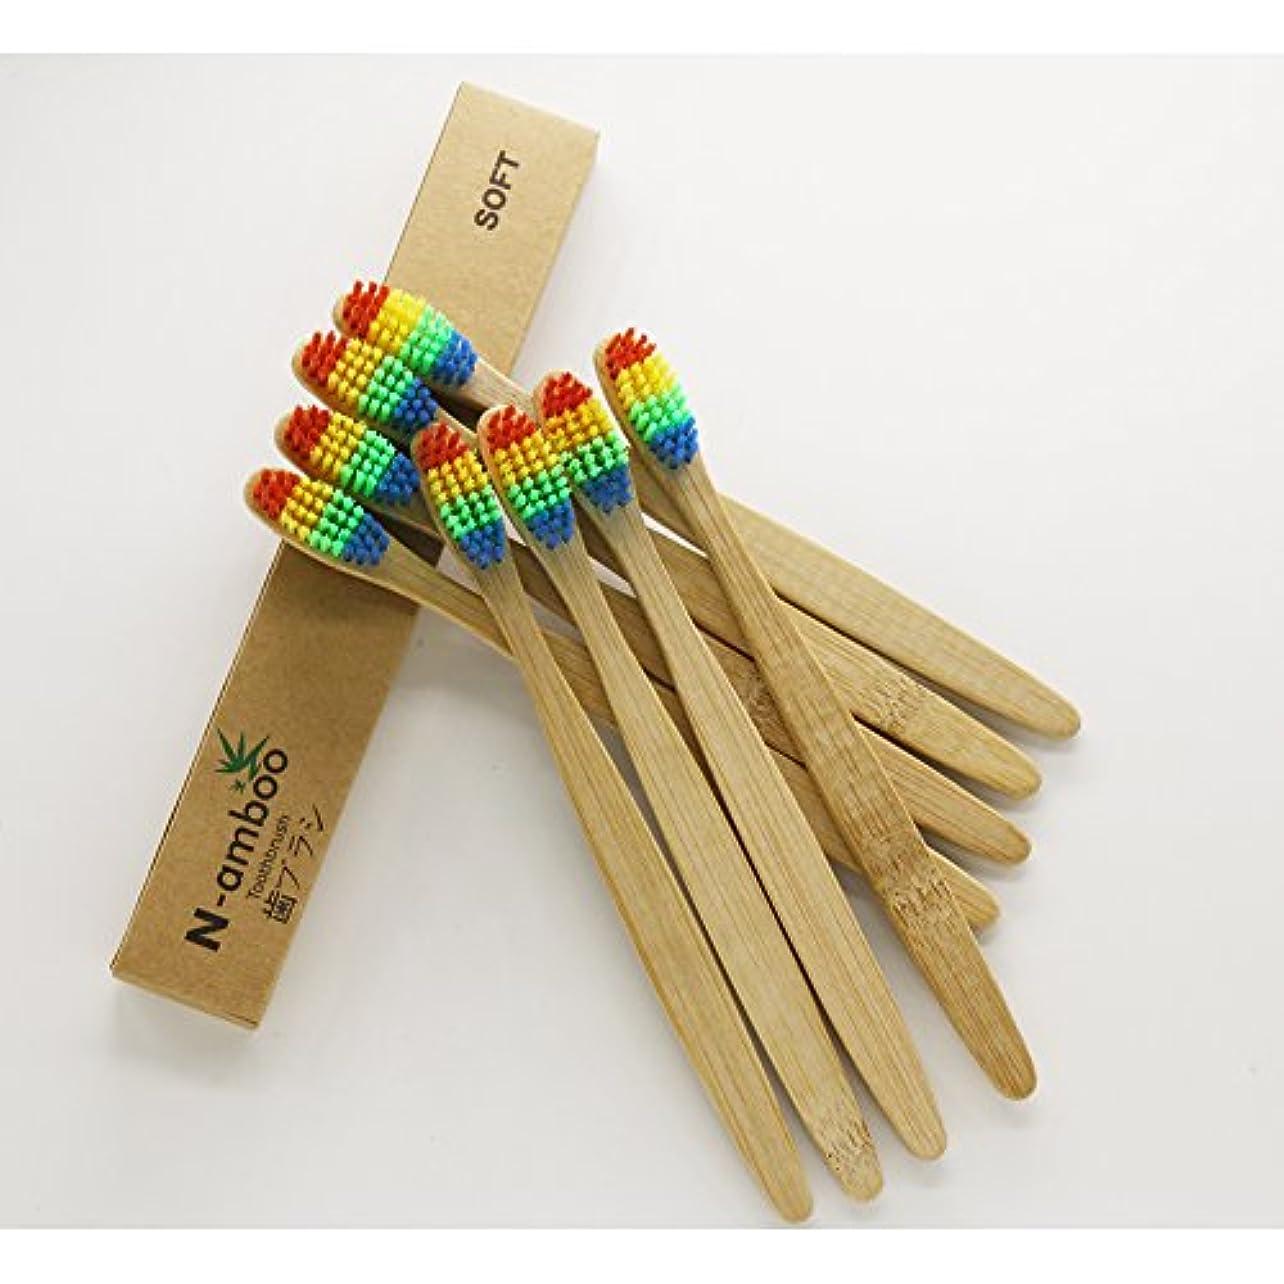 粘性のビリーヤギマーチャンダイジングN-amboo 竹製 耐久度高い 歯ブラシ 四色 虹(にじ) 8本入り ファミリー セット